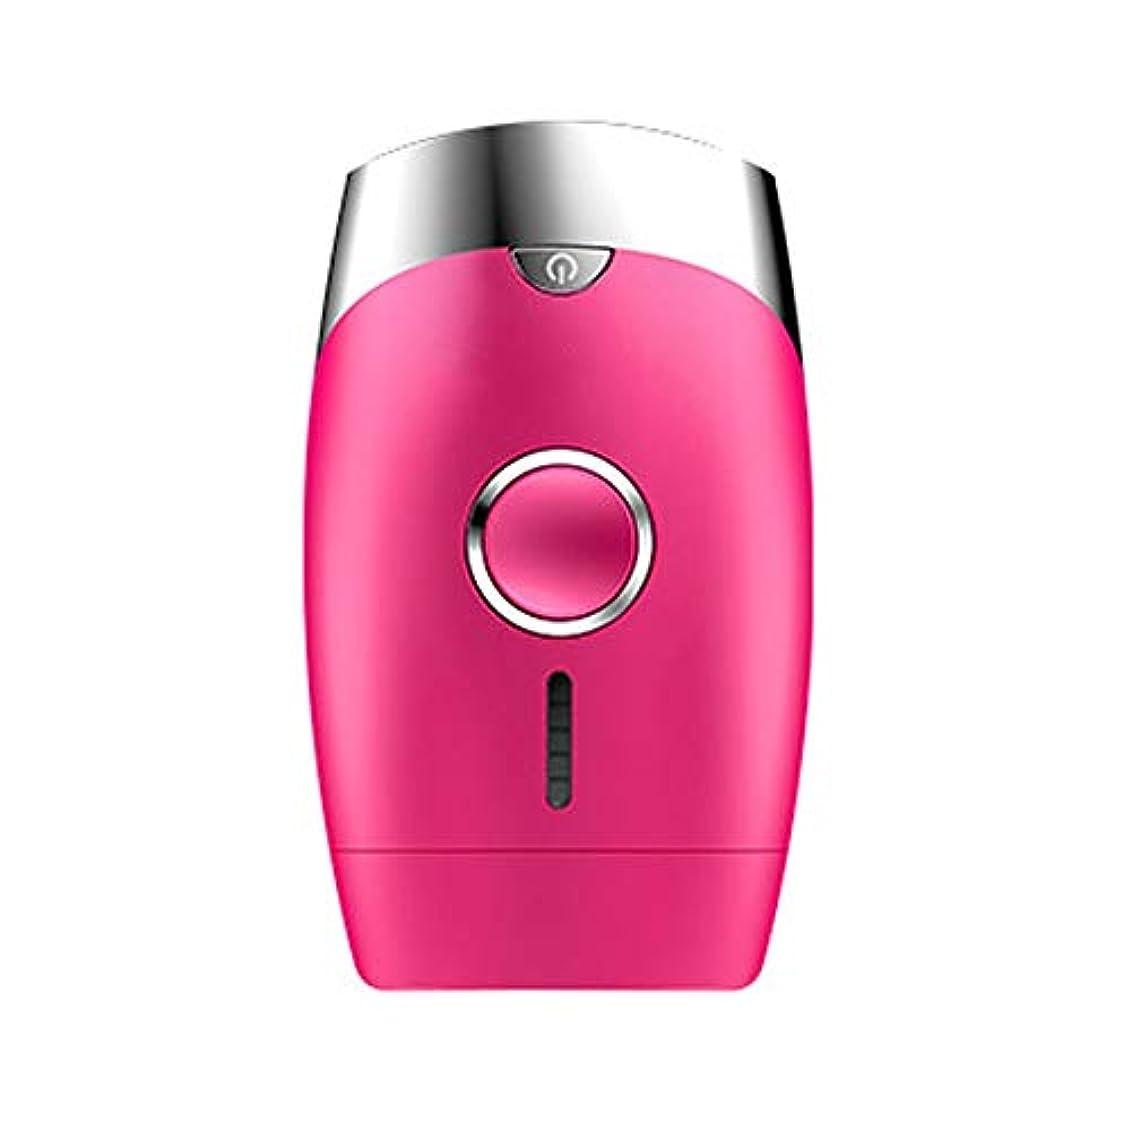 戸惑う時間とともに第二ダパイ ピンク、5スピード調整、インテリジェント家庭用痛みのない凝固点ヘアリムーバー、シングルフラッシュ/連続フラッシュ、サイズ13.9 X 8.3 X 4.8 Cm U546 (Color : Pink)